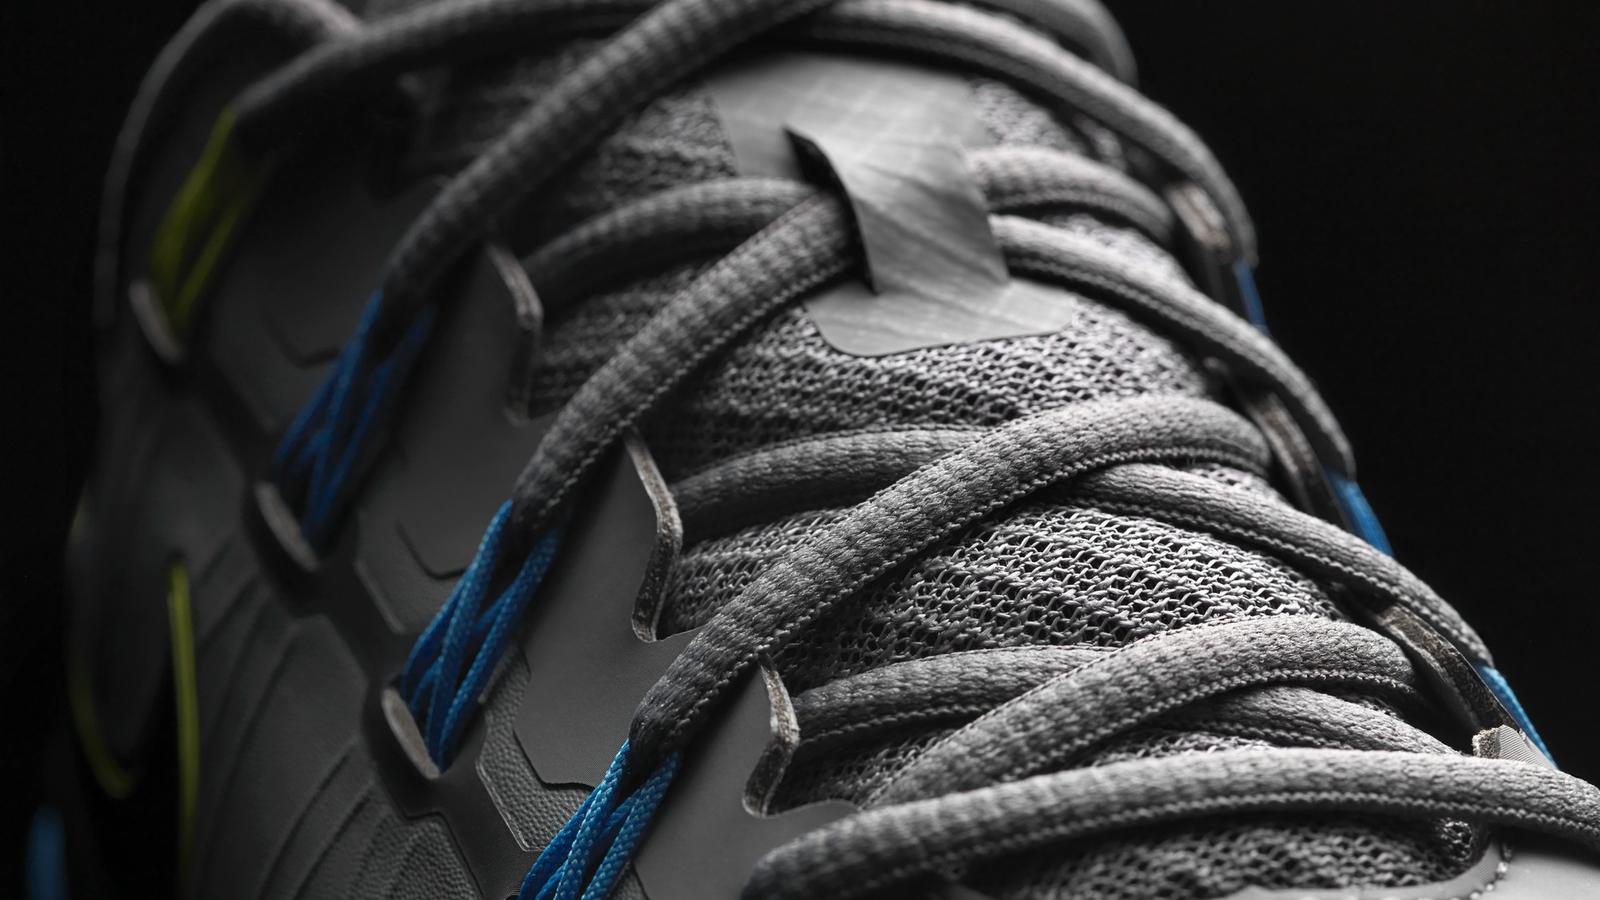 Nike TW14 Cool Grey lacing